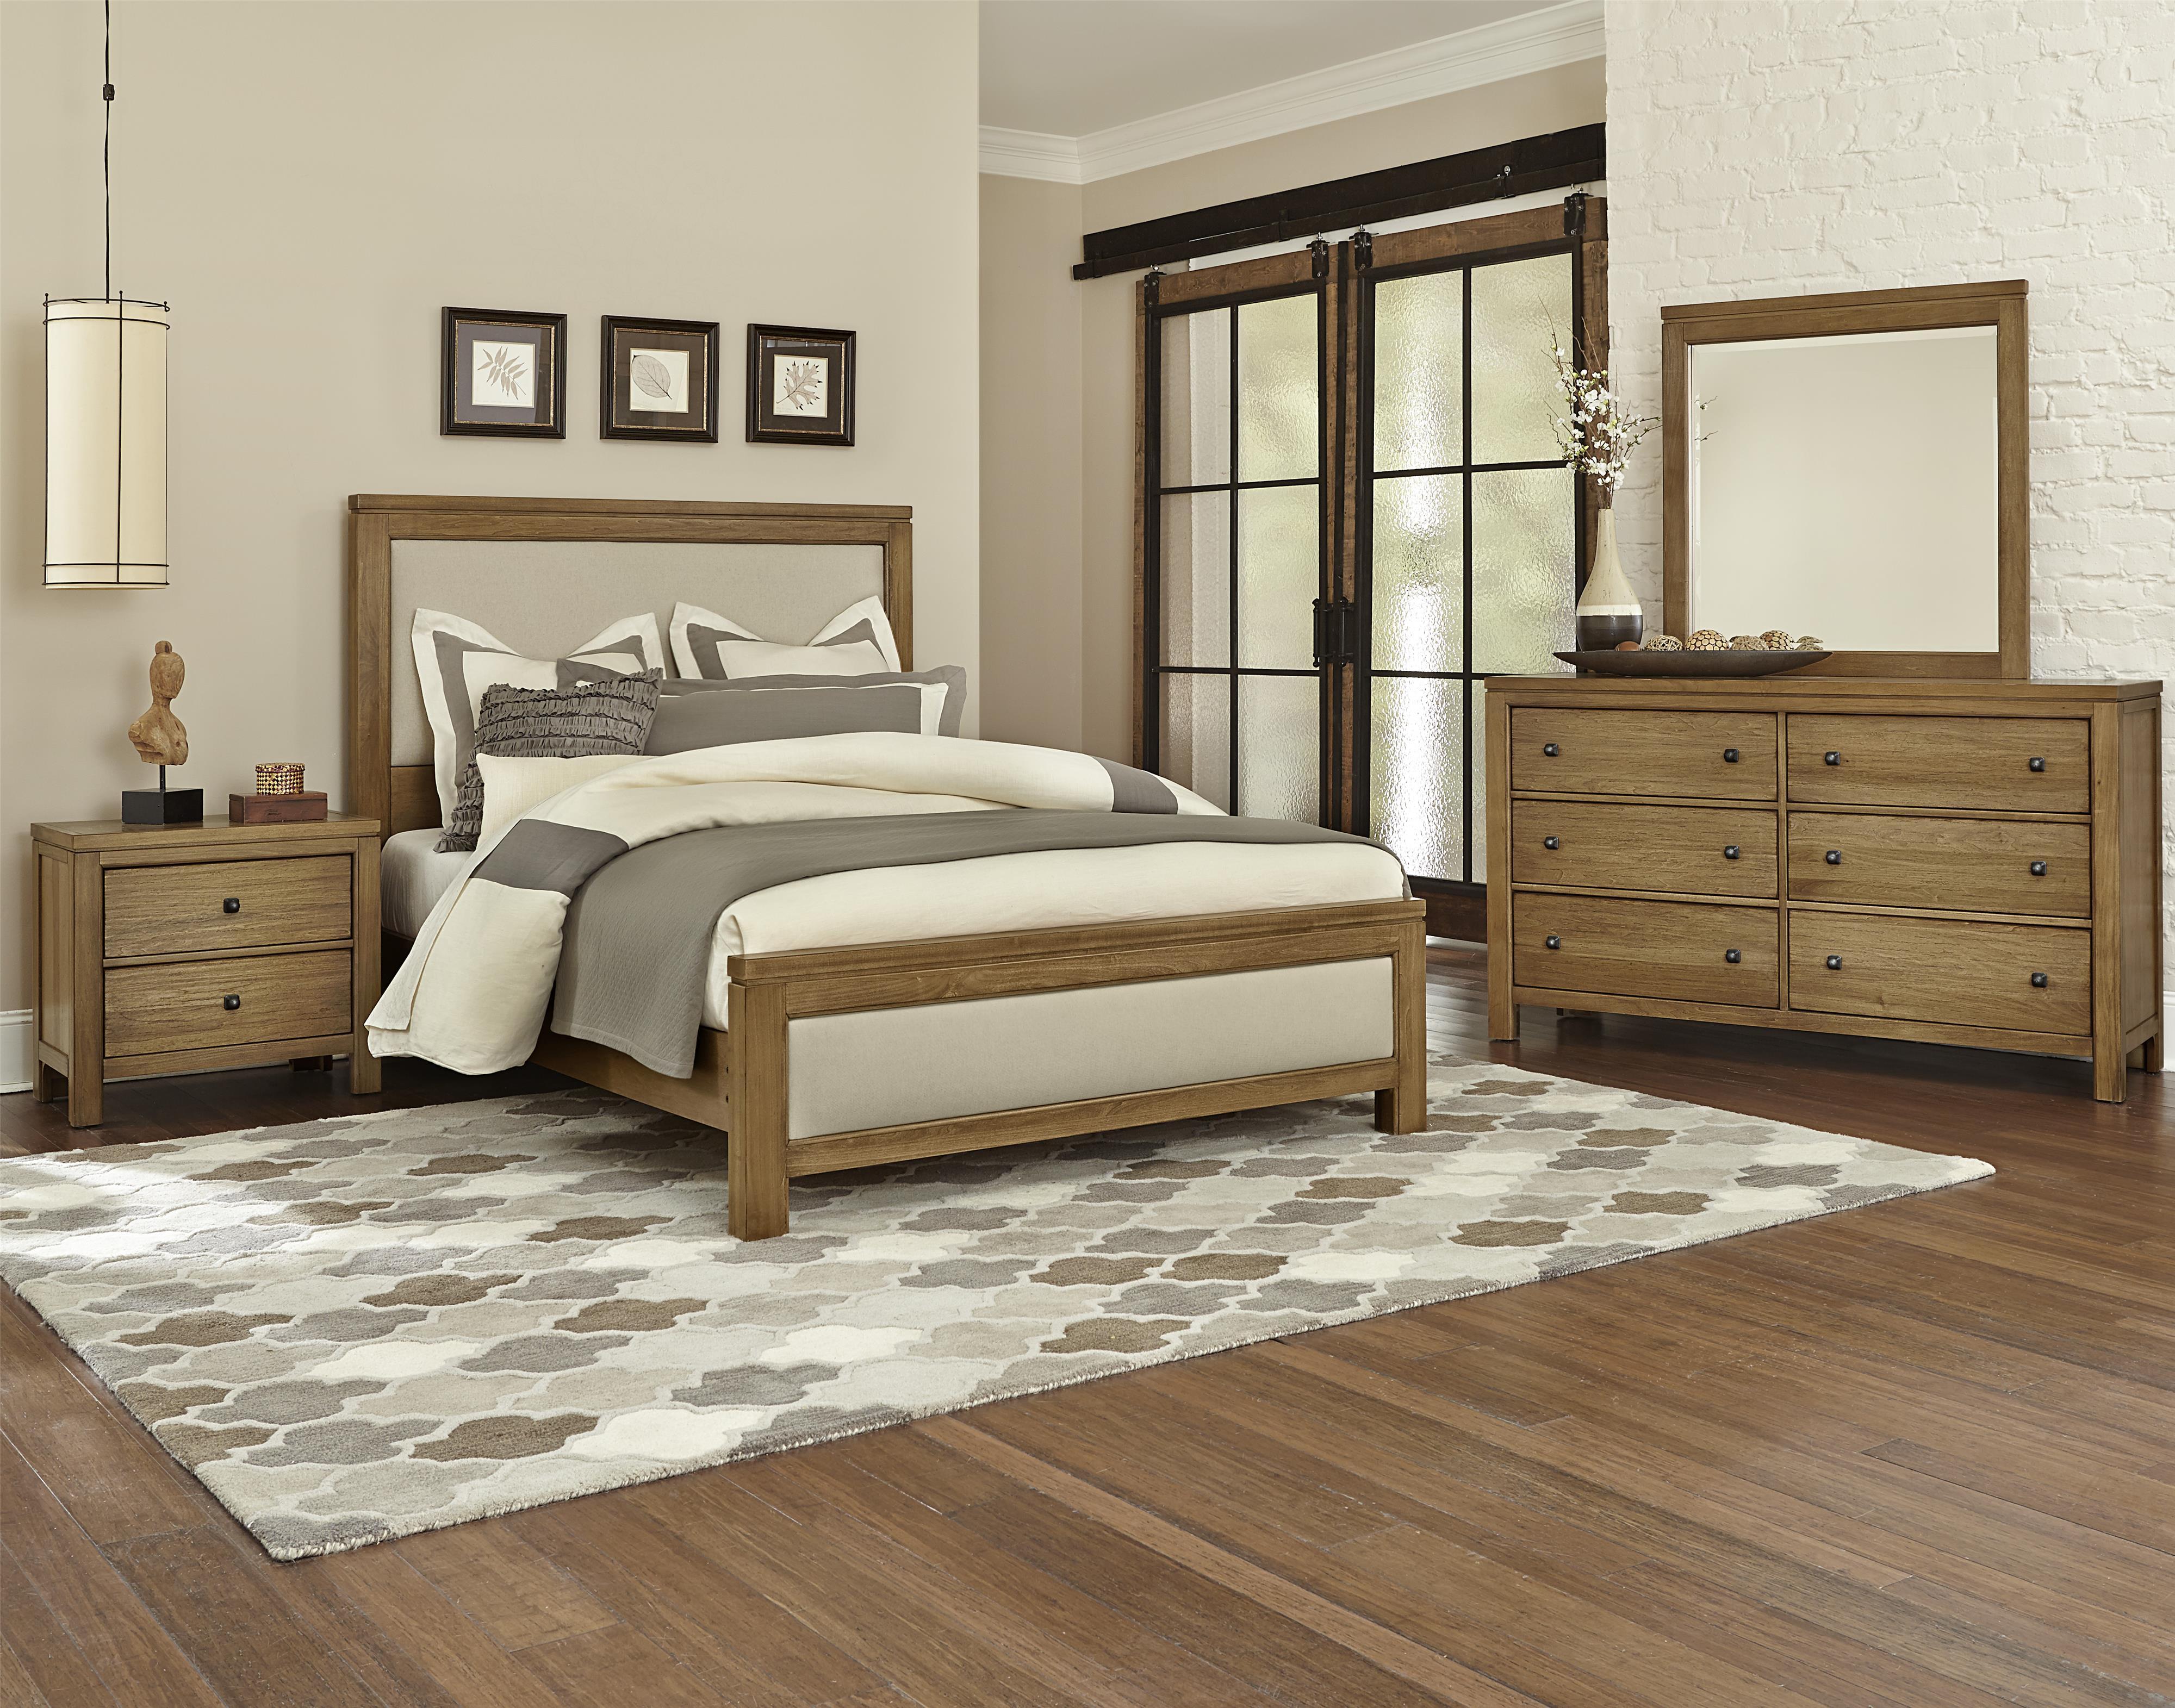 Vaughan Bassett Kismet King Bedroom Group - Item Number: 414 K Bedroom Group 2